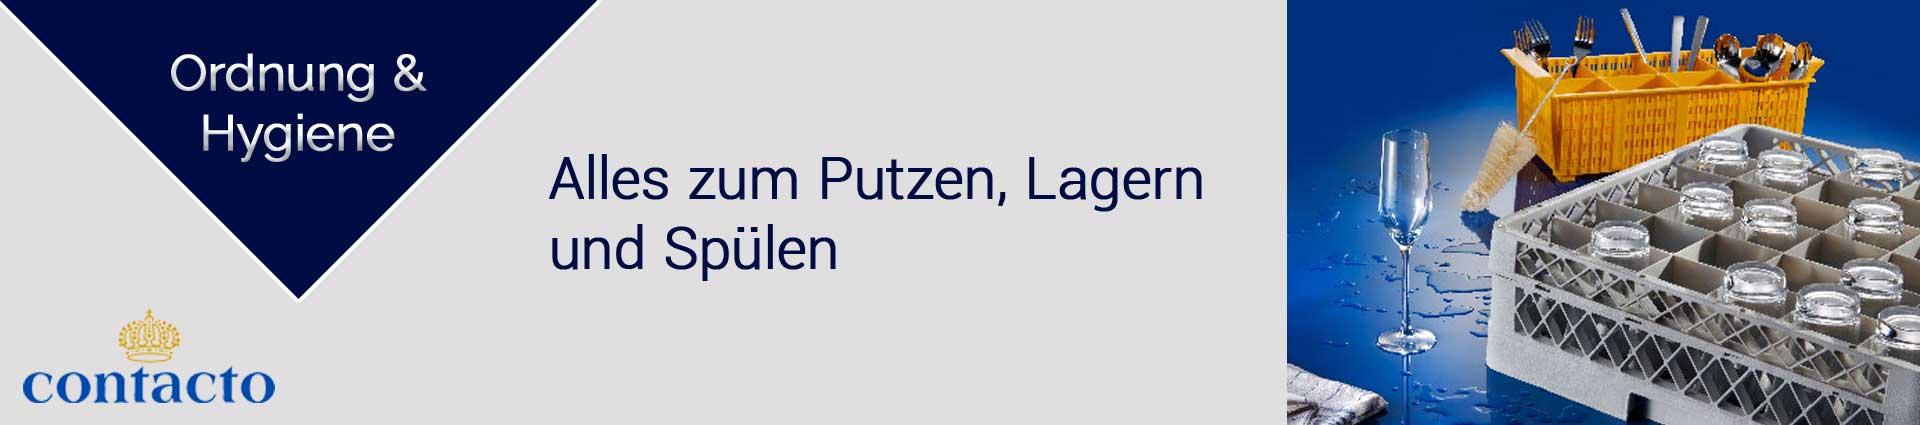 Contacto Ordnung und Hygiene Banner